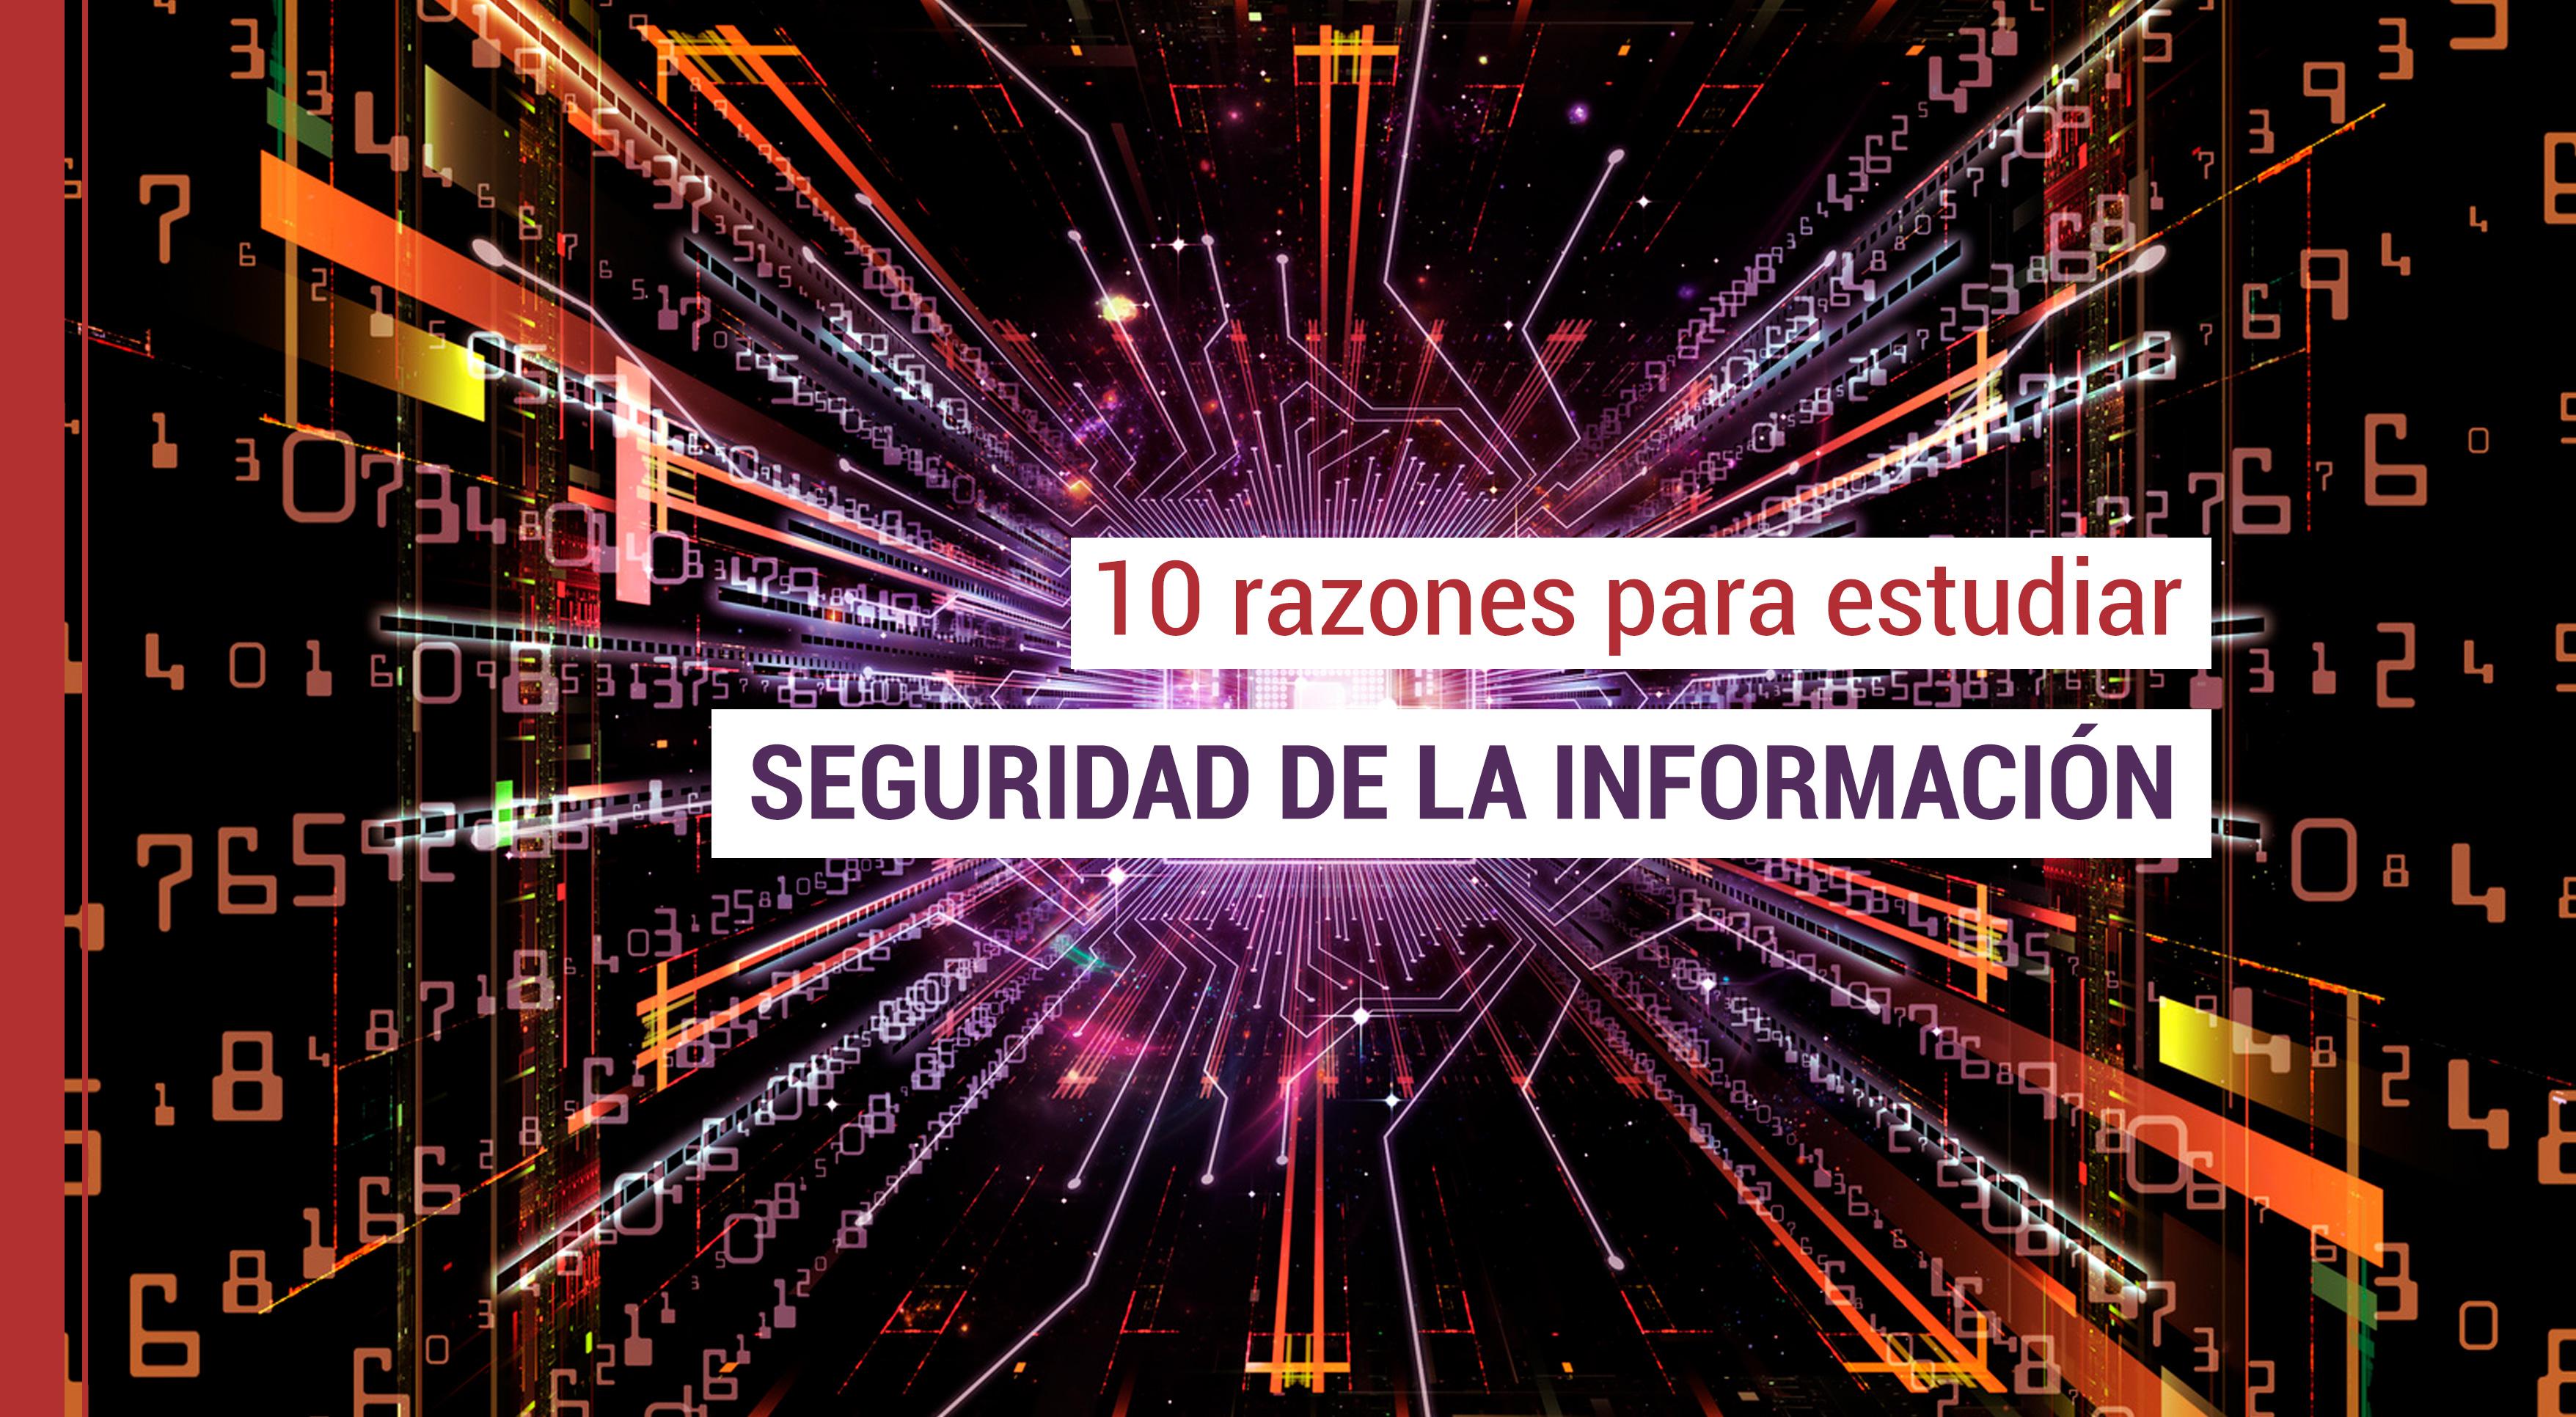 10-razones-para-estudiar-seguridad-de-la-informacion 10 razones para estudiar Seguridad de la Información